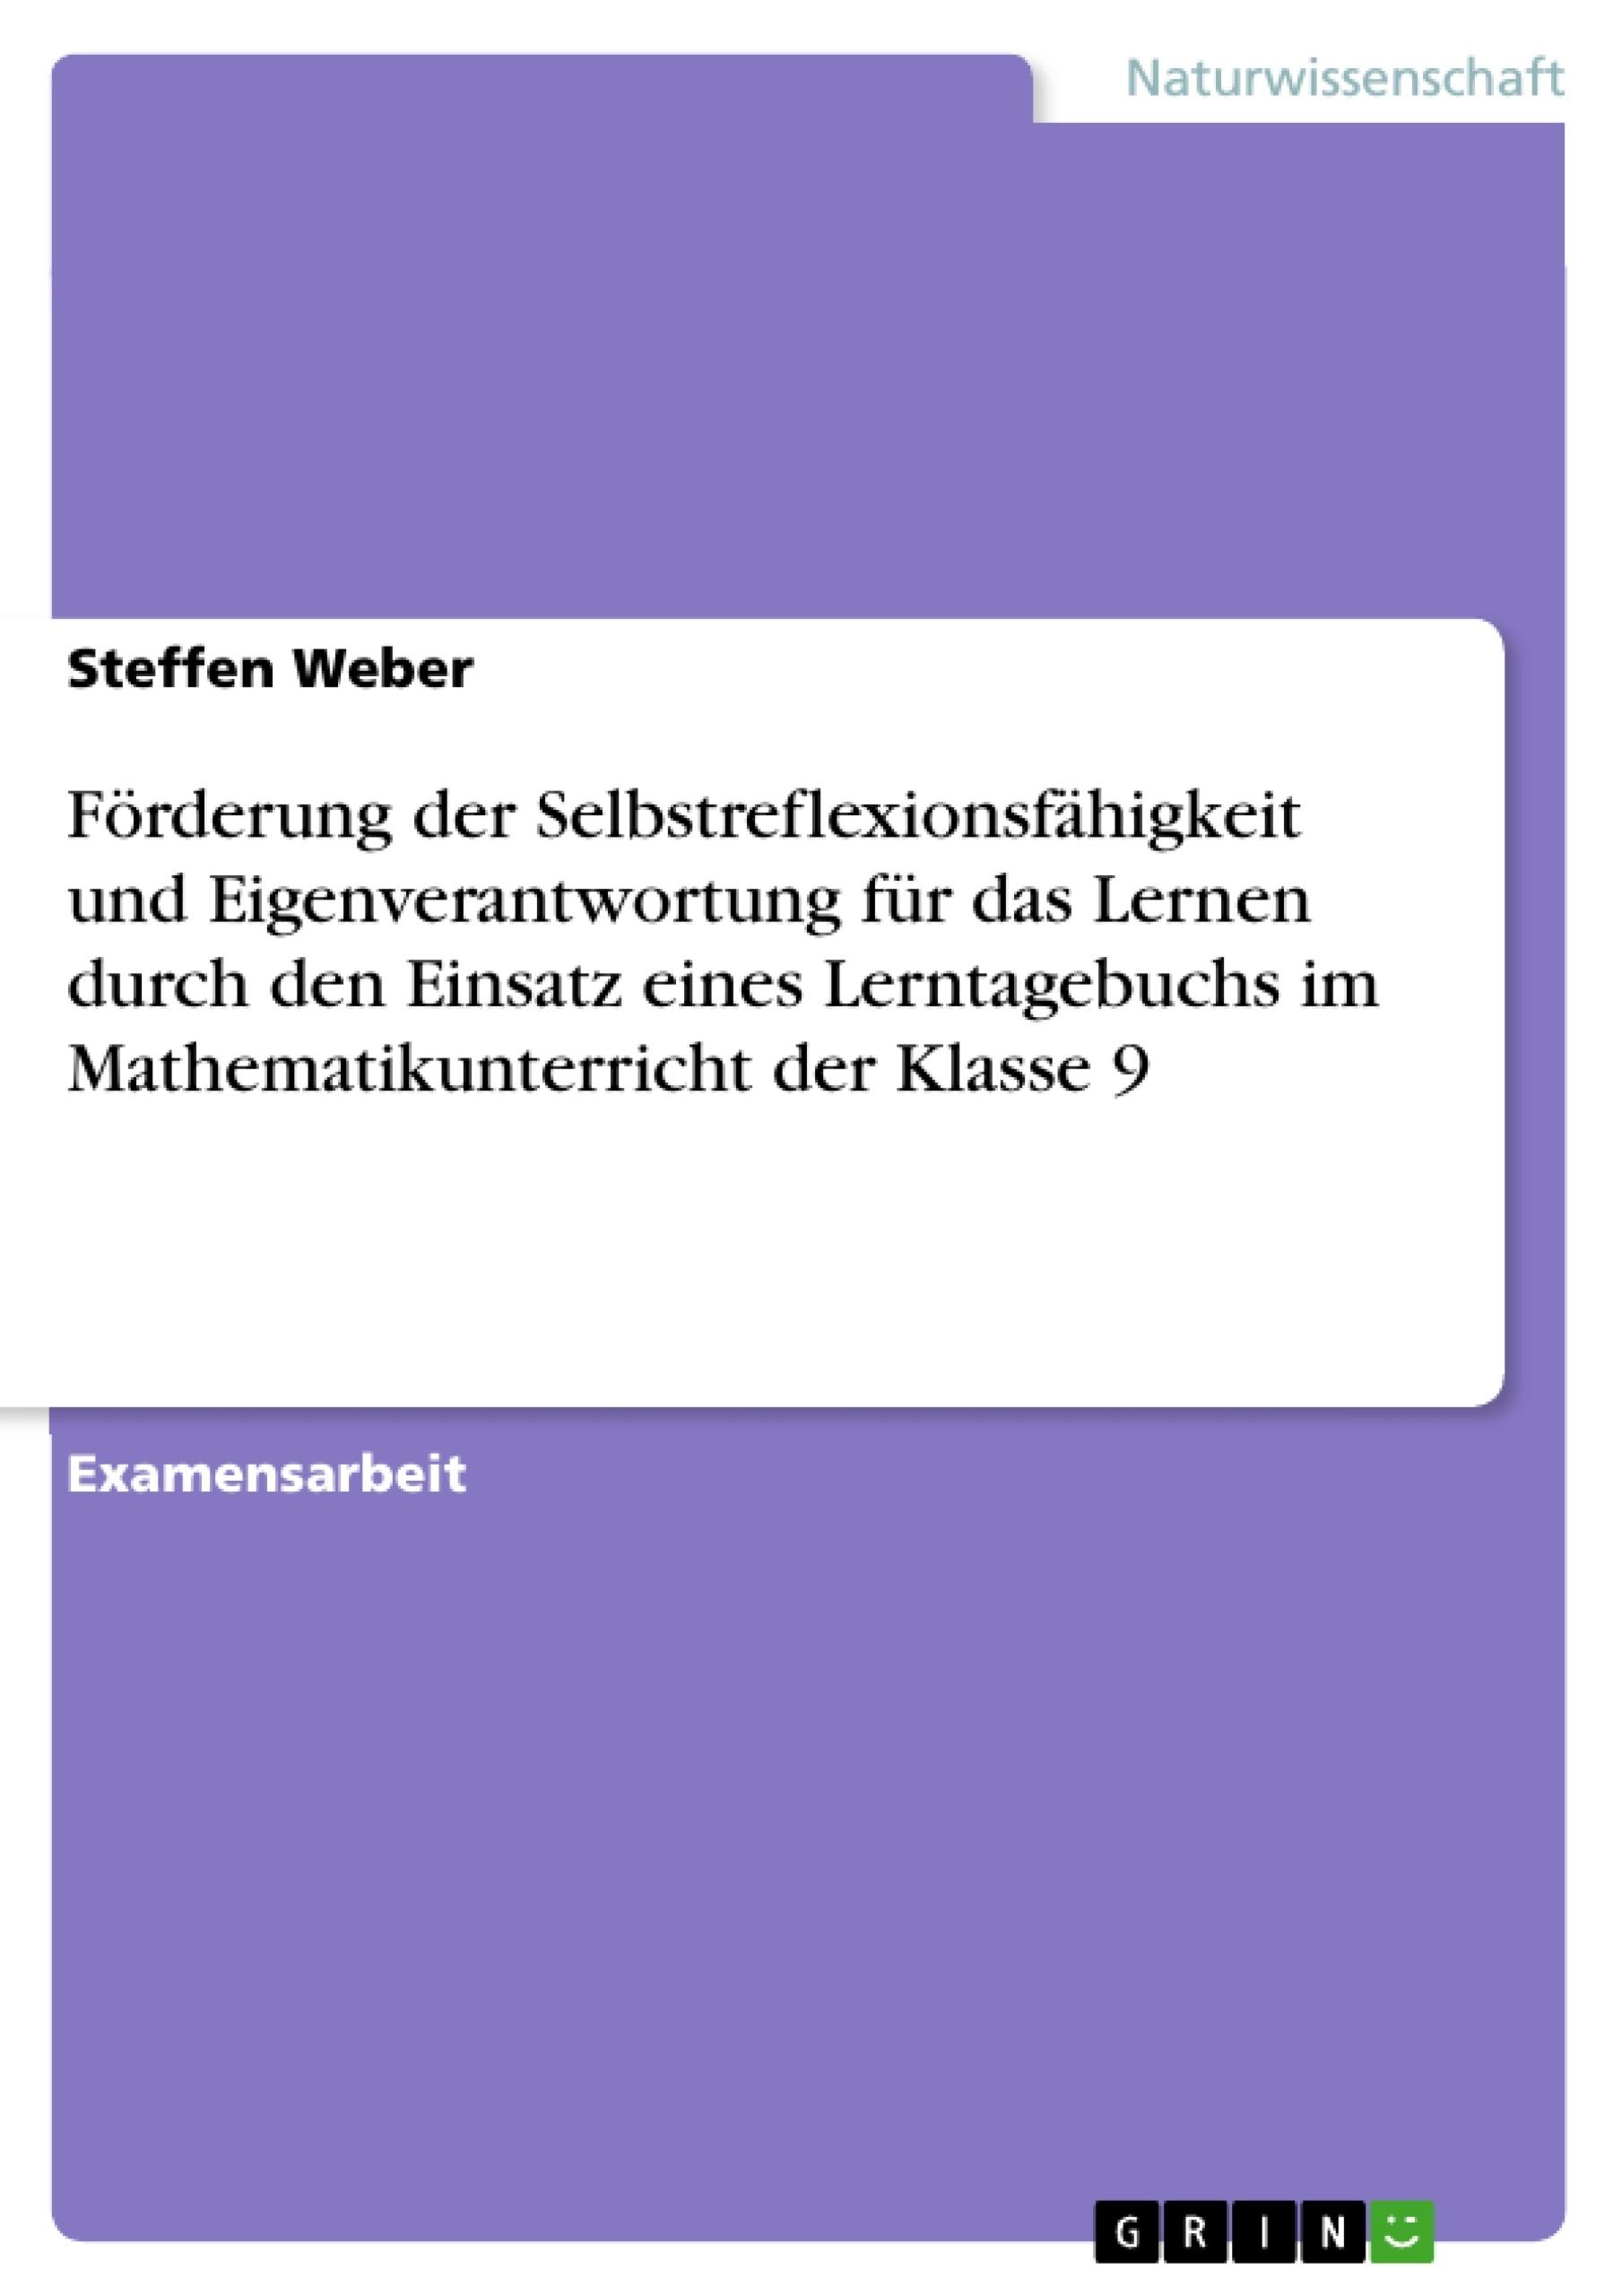 Titel: Förderung der Selbstreflexionsfähigkeit und Eigenverantwortung  für das Lernen durch den Einsatz eines Lerntagebuchs im Mathematikunterricht der Klasse 9